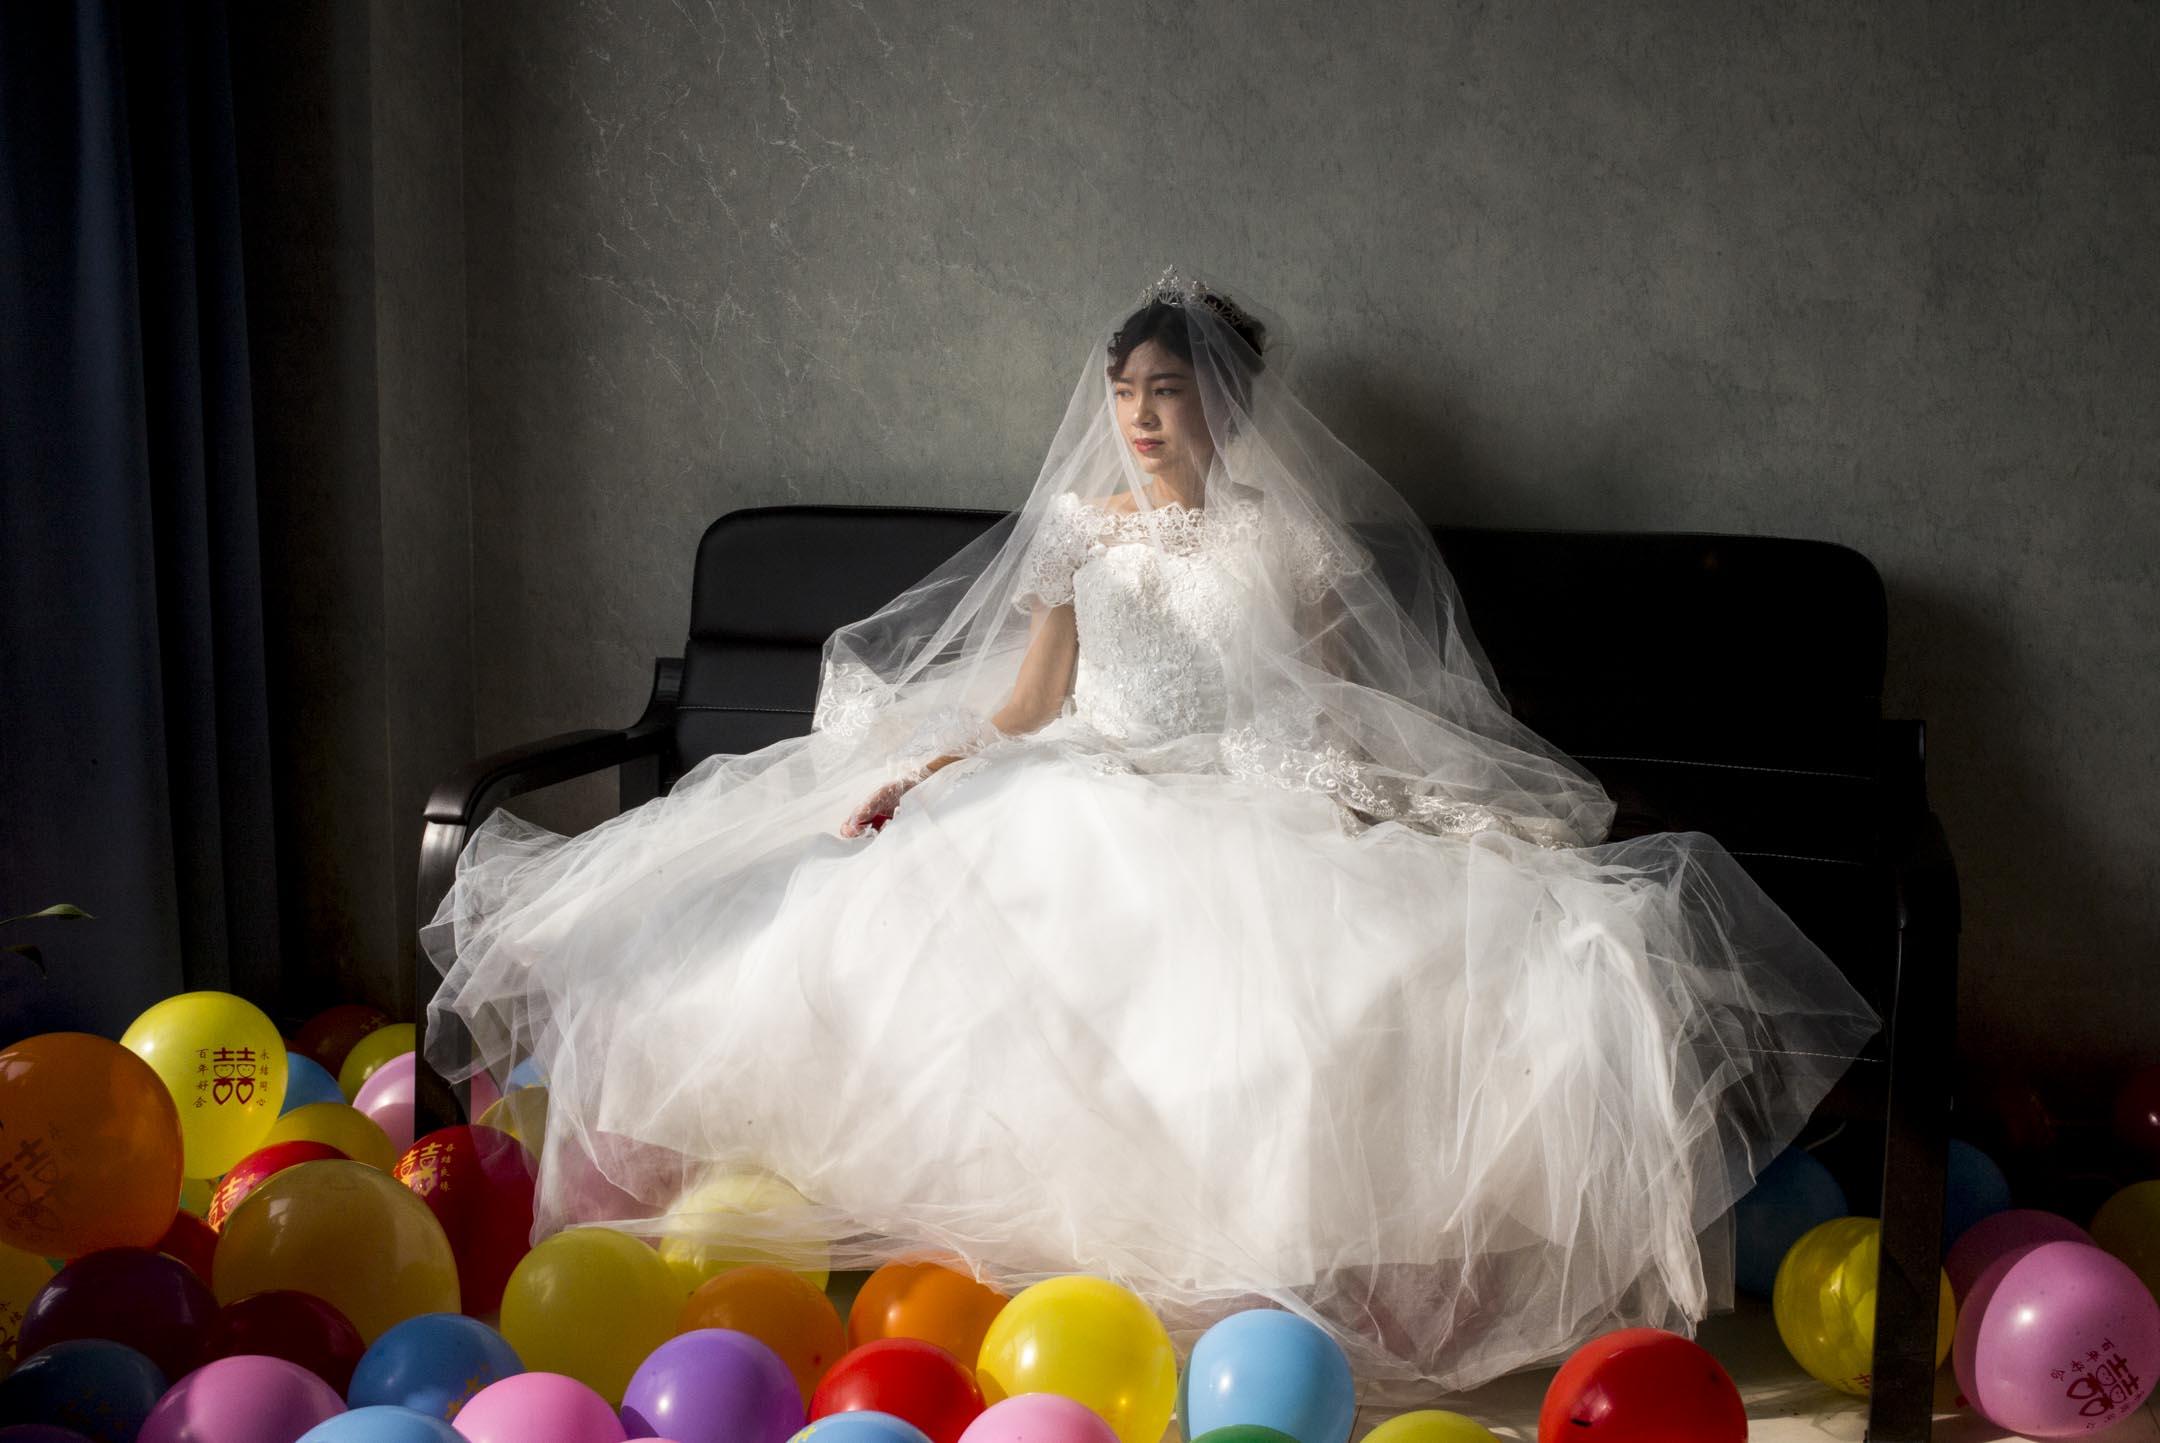 緬甸新娘楊家鄉在河南,她的「娘家」設在婚介公司李總的辦公室,迎親隊伍剛到達,房間外氣氛喧嘩熱鬧。 攝:林振東/端傳媒